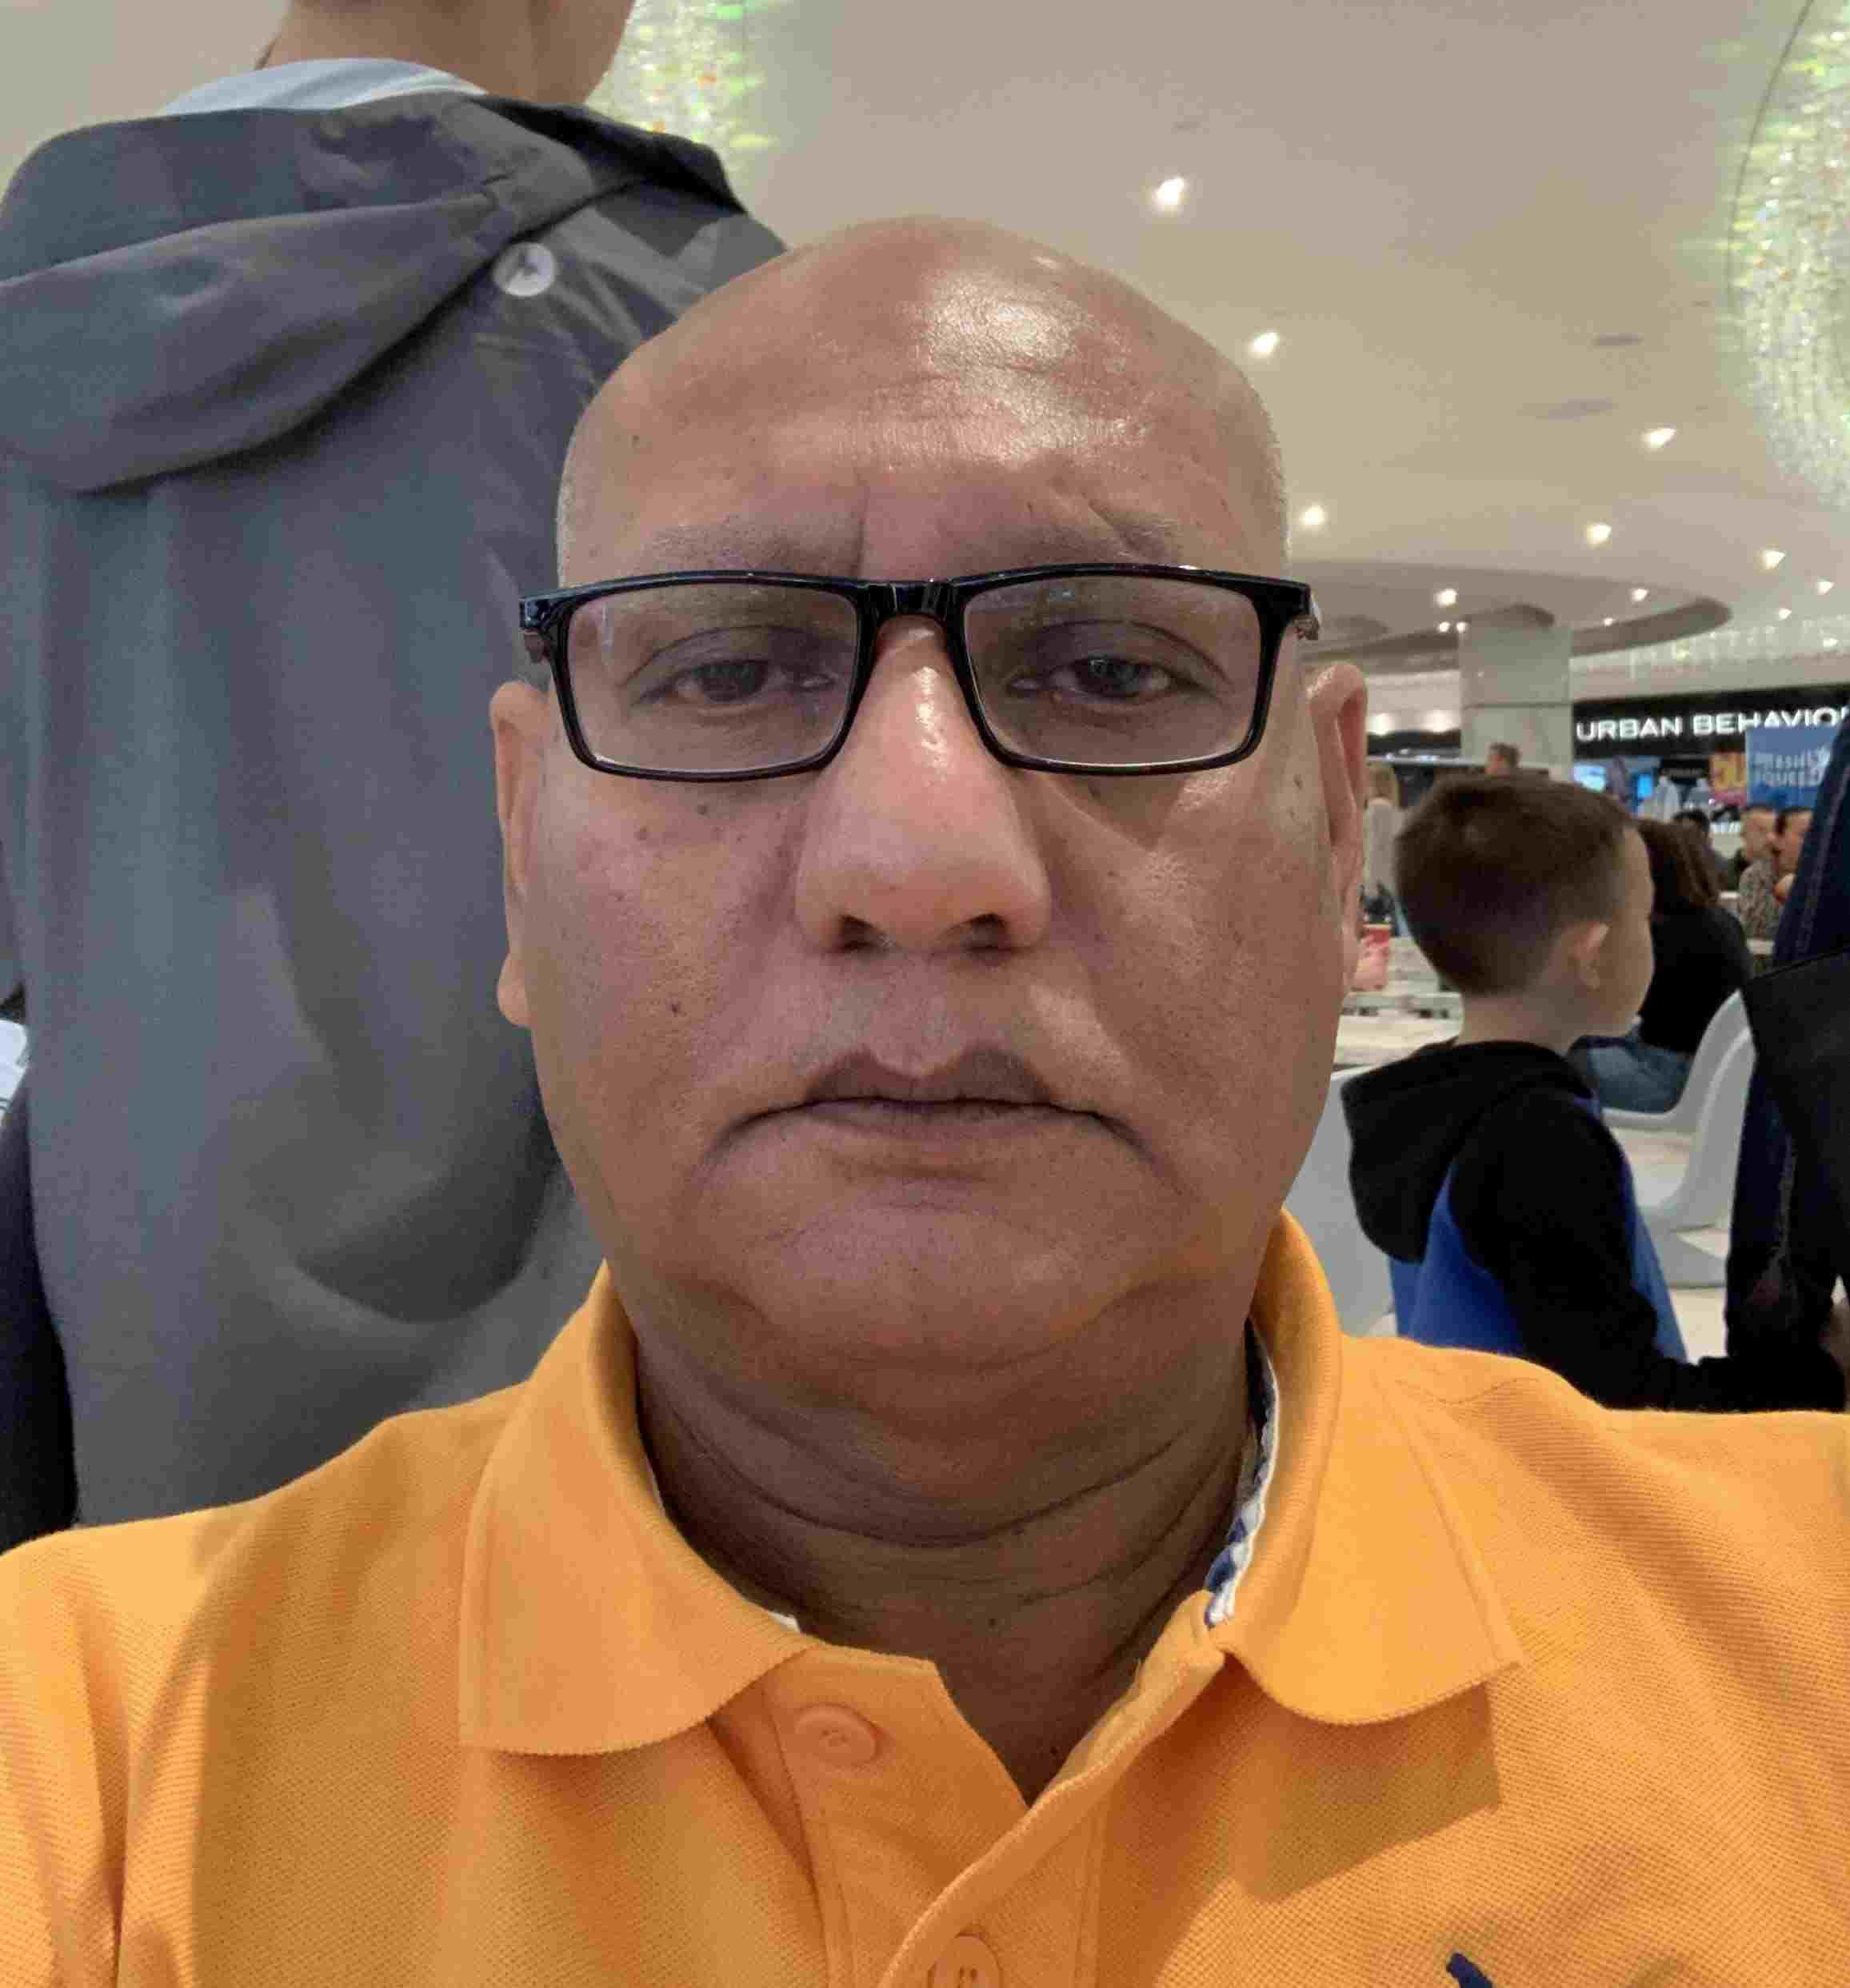 Soy Génesis Barron o mictam_020, tengo 58 años, soy de Extremadura, ciudad Trujillo